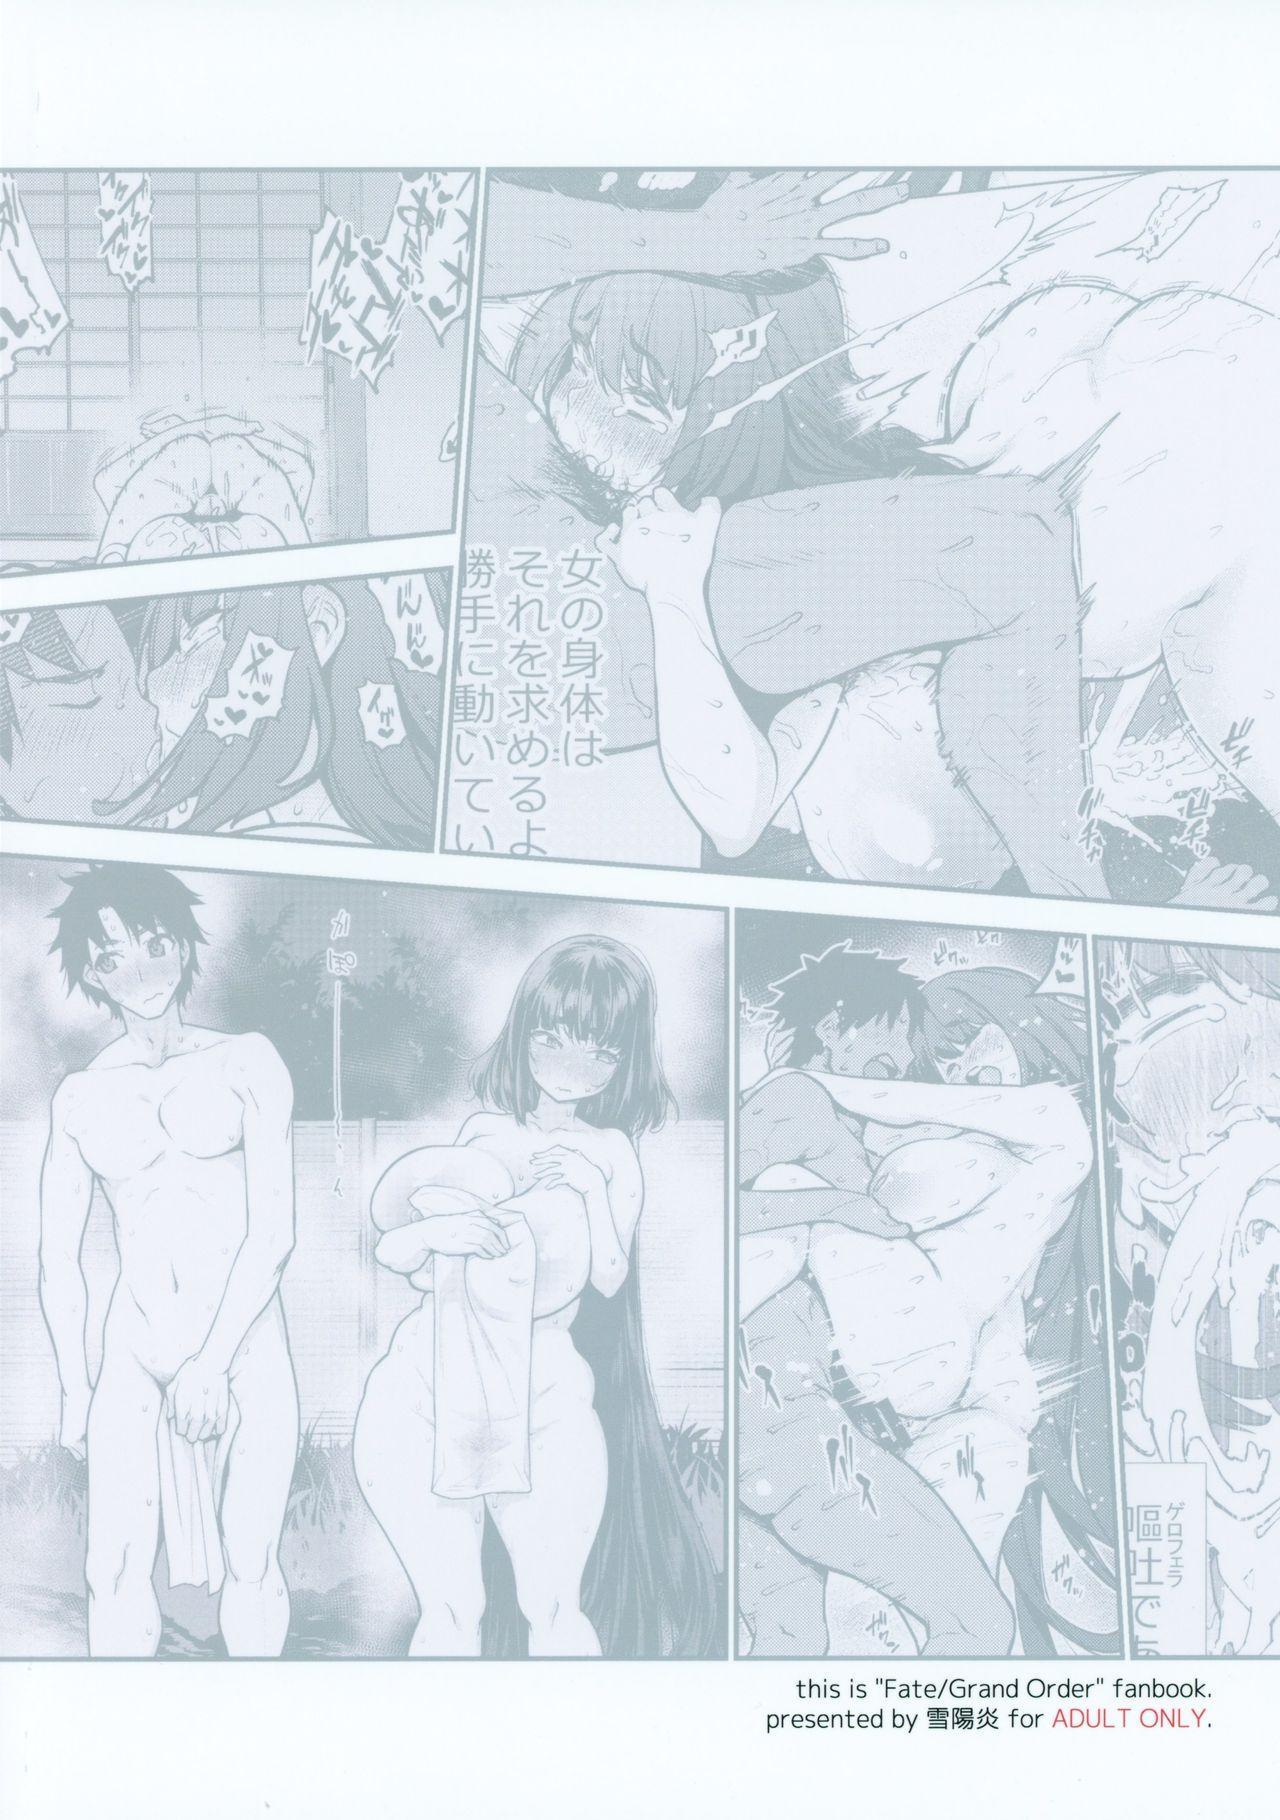 Osakabehime to Genkou Gasshuku Shi ni Itta Hazu no Onsen Ryokan de Sex Suru dake no Hon. 21